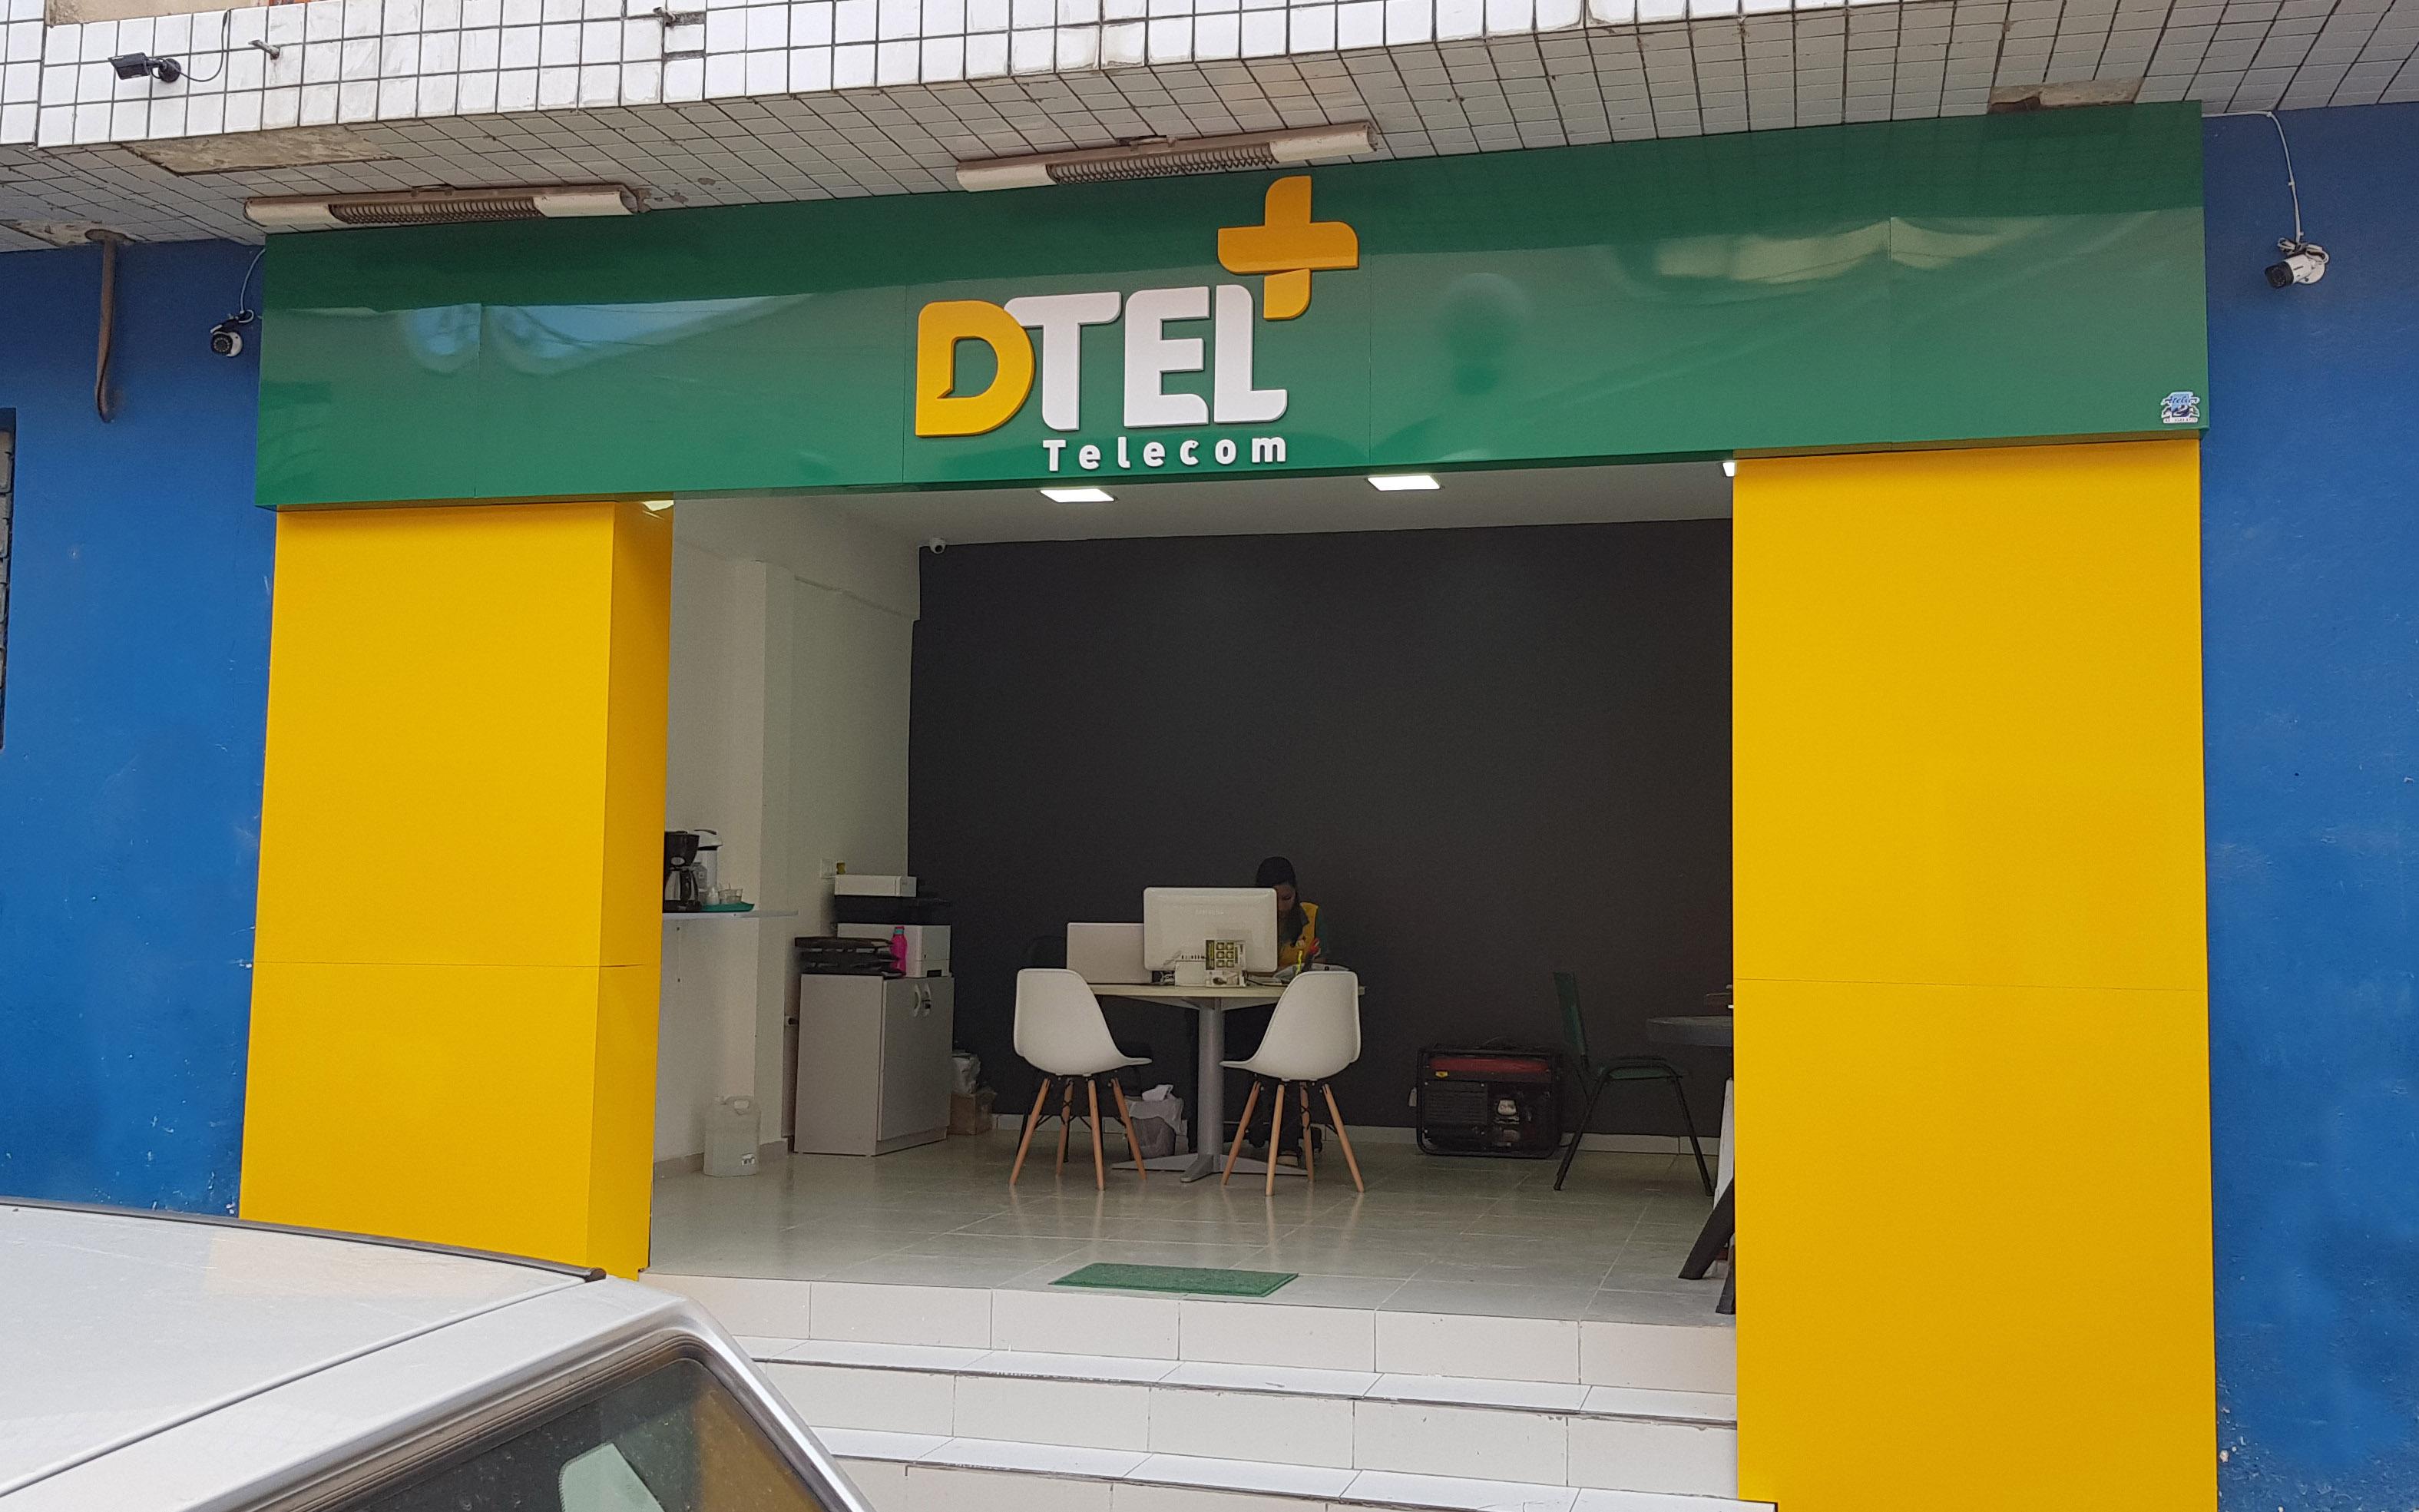 https://0201.nccdn.net/1_2/000/000/0f7/500/Atelier2-Dtel-telecom.jpg